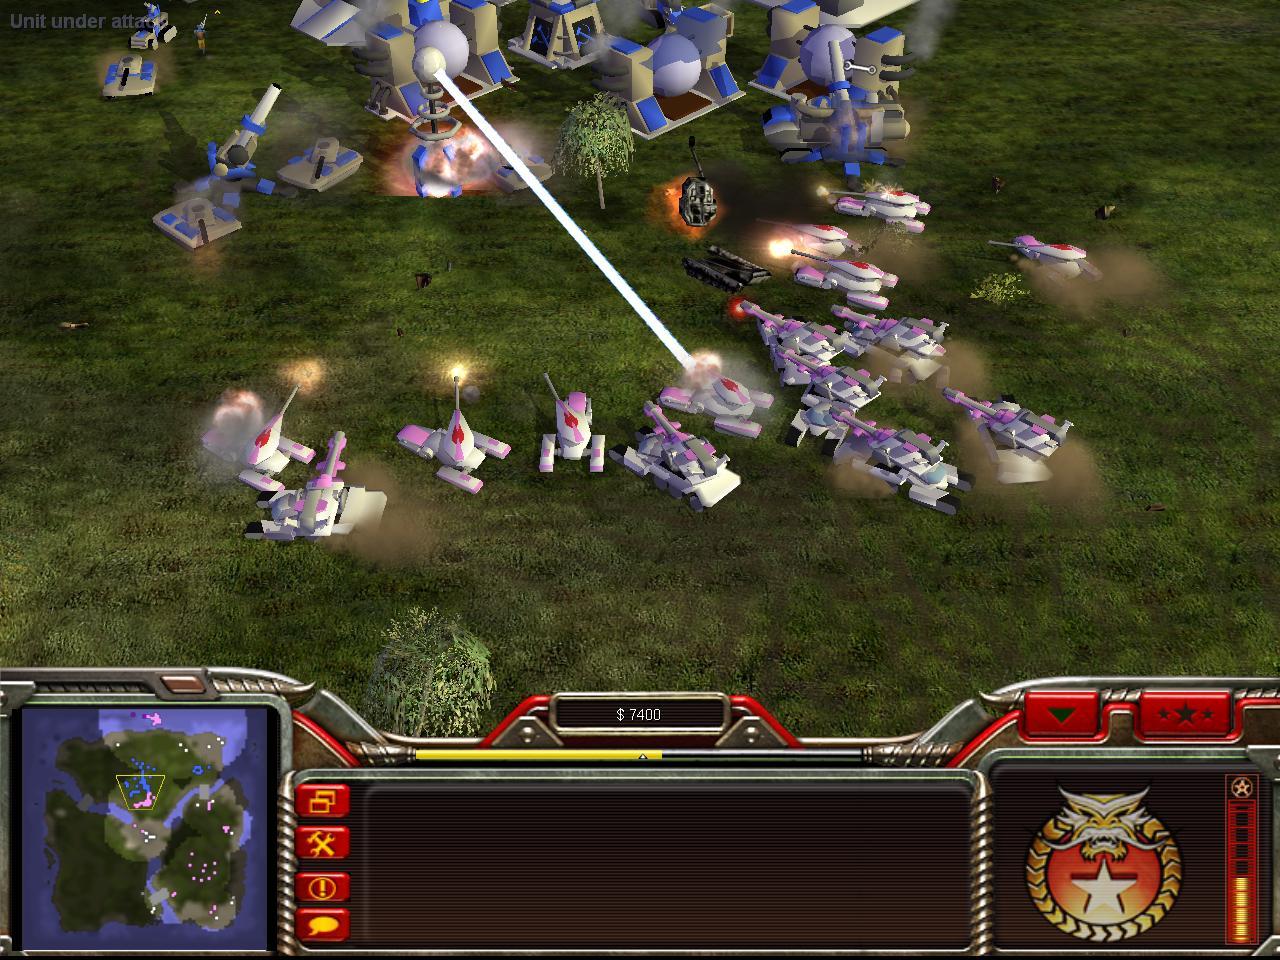 game1a.jpg